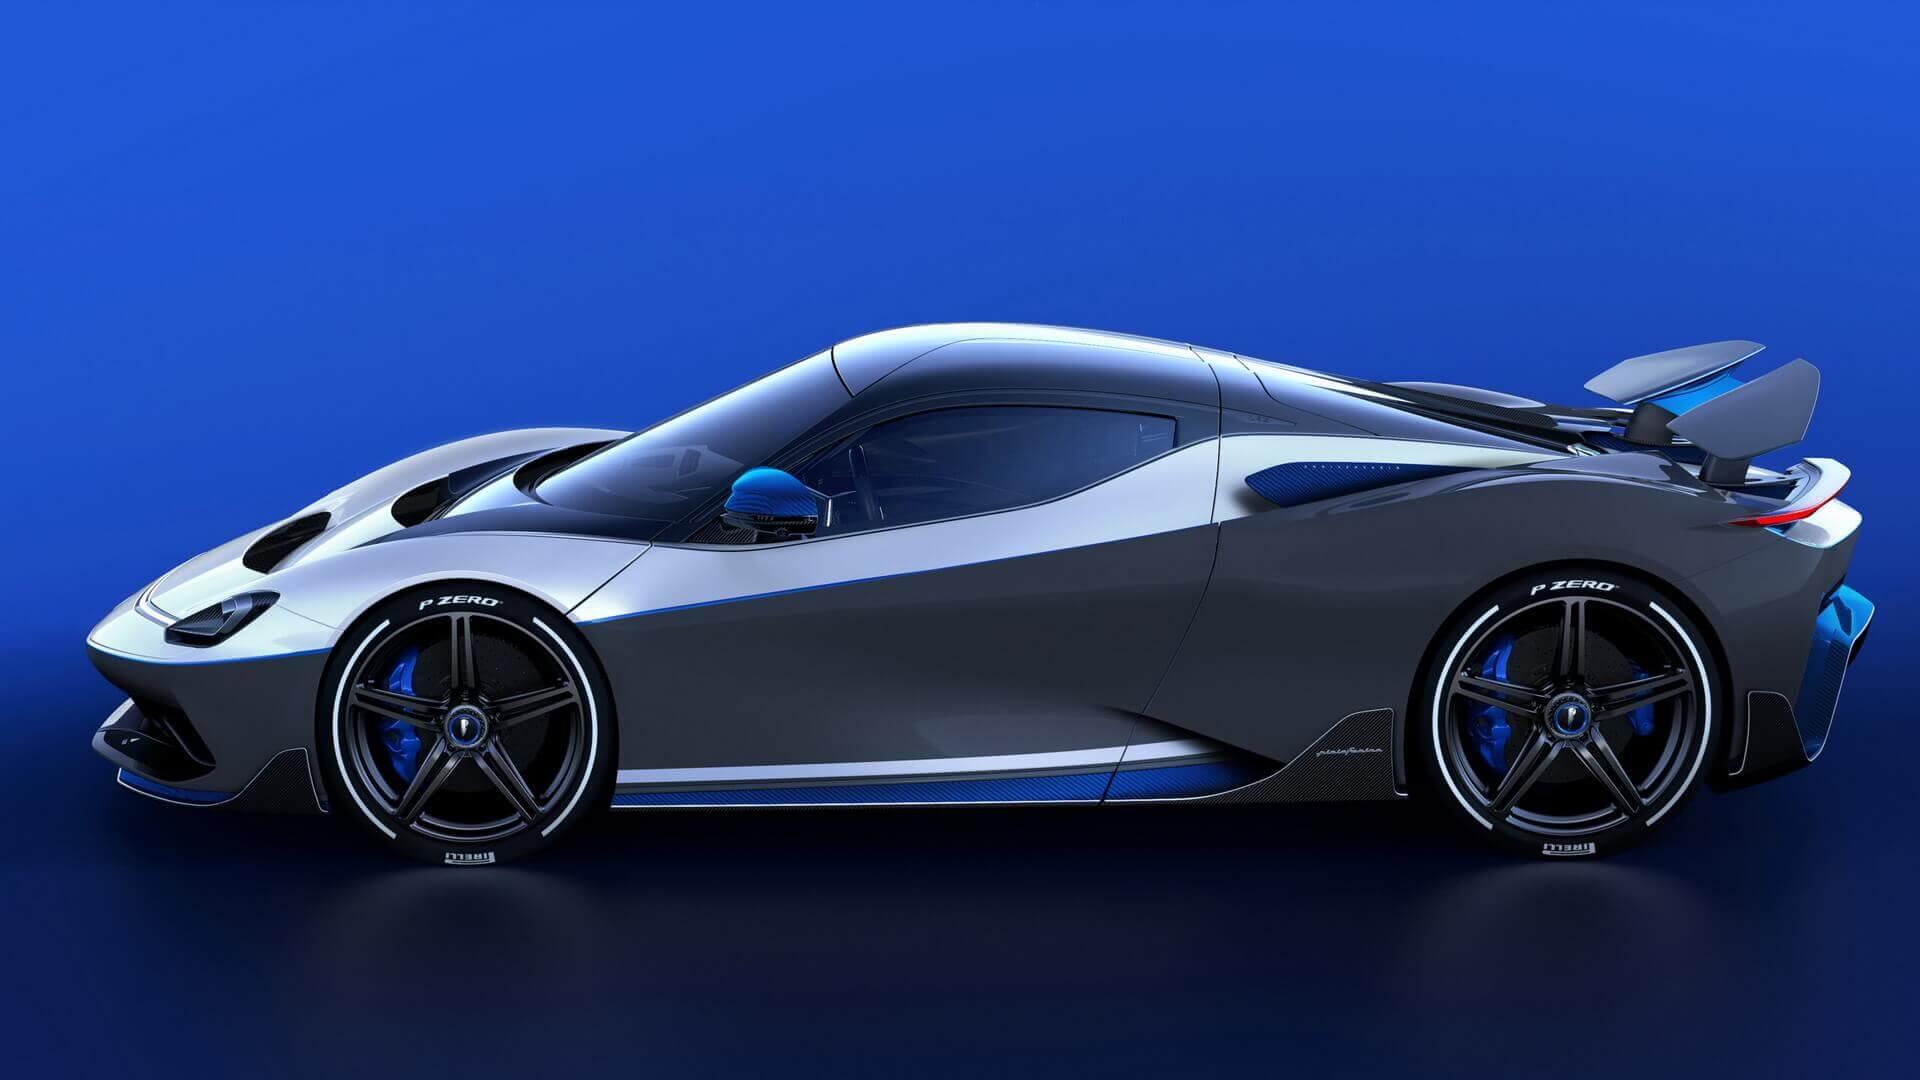 Automobili Pininfarina выпускает коллекционное издание суперкара Battista